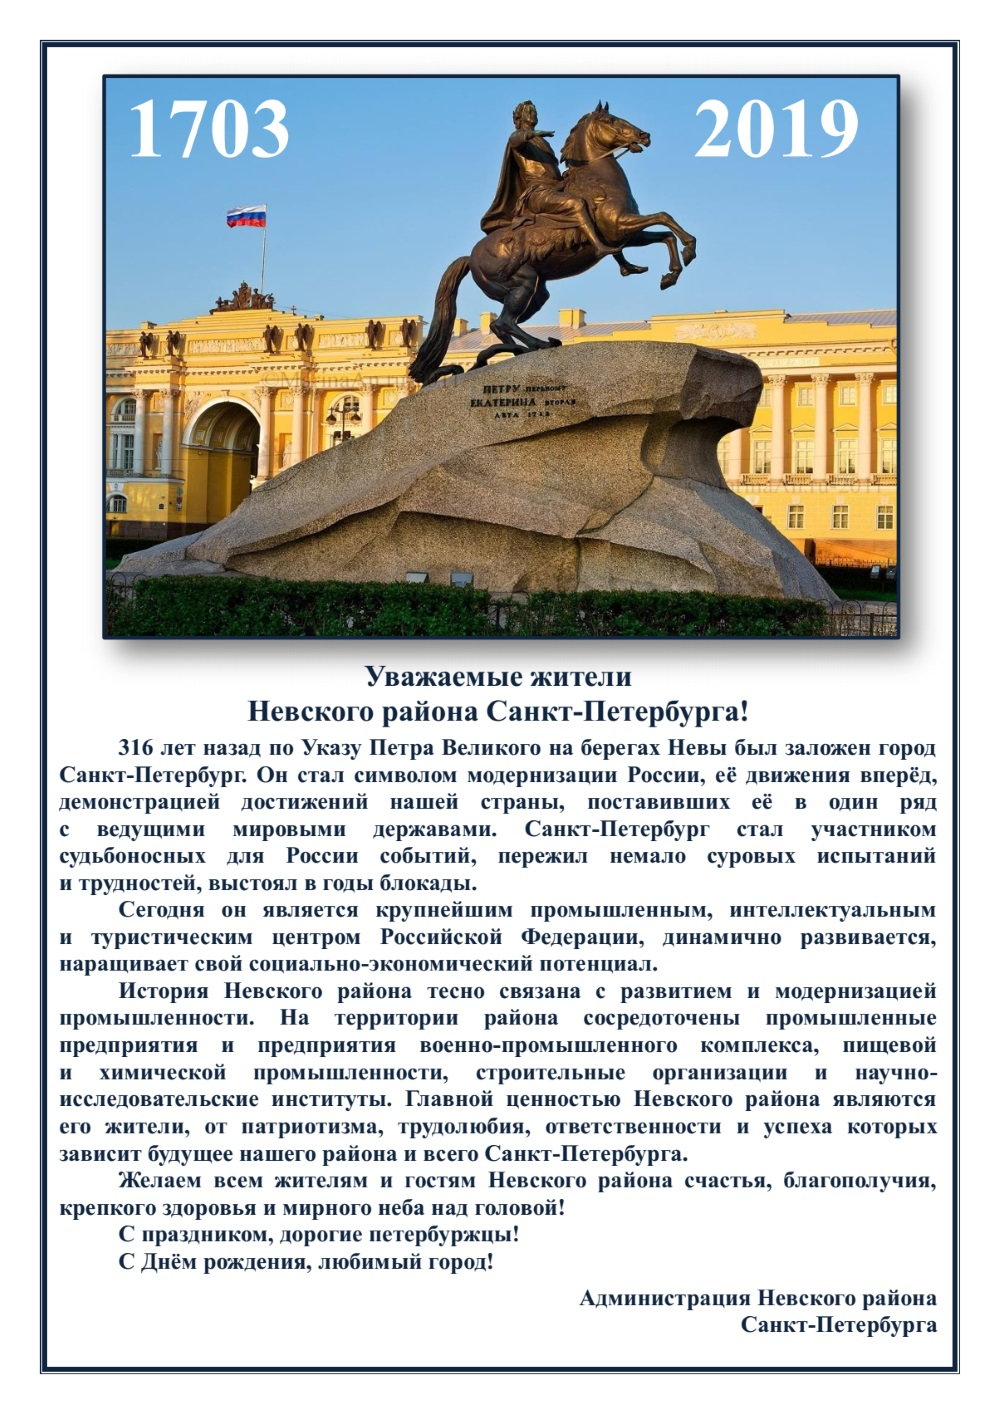 петербург поздравления с юбилеем течении двух лет